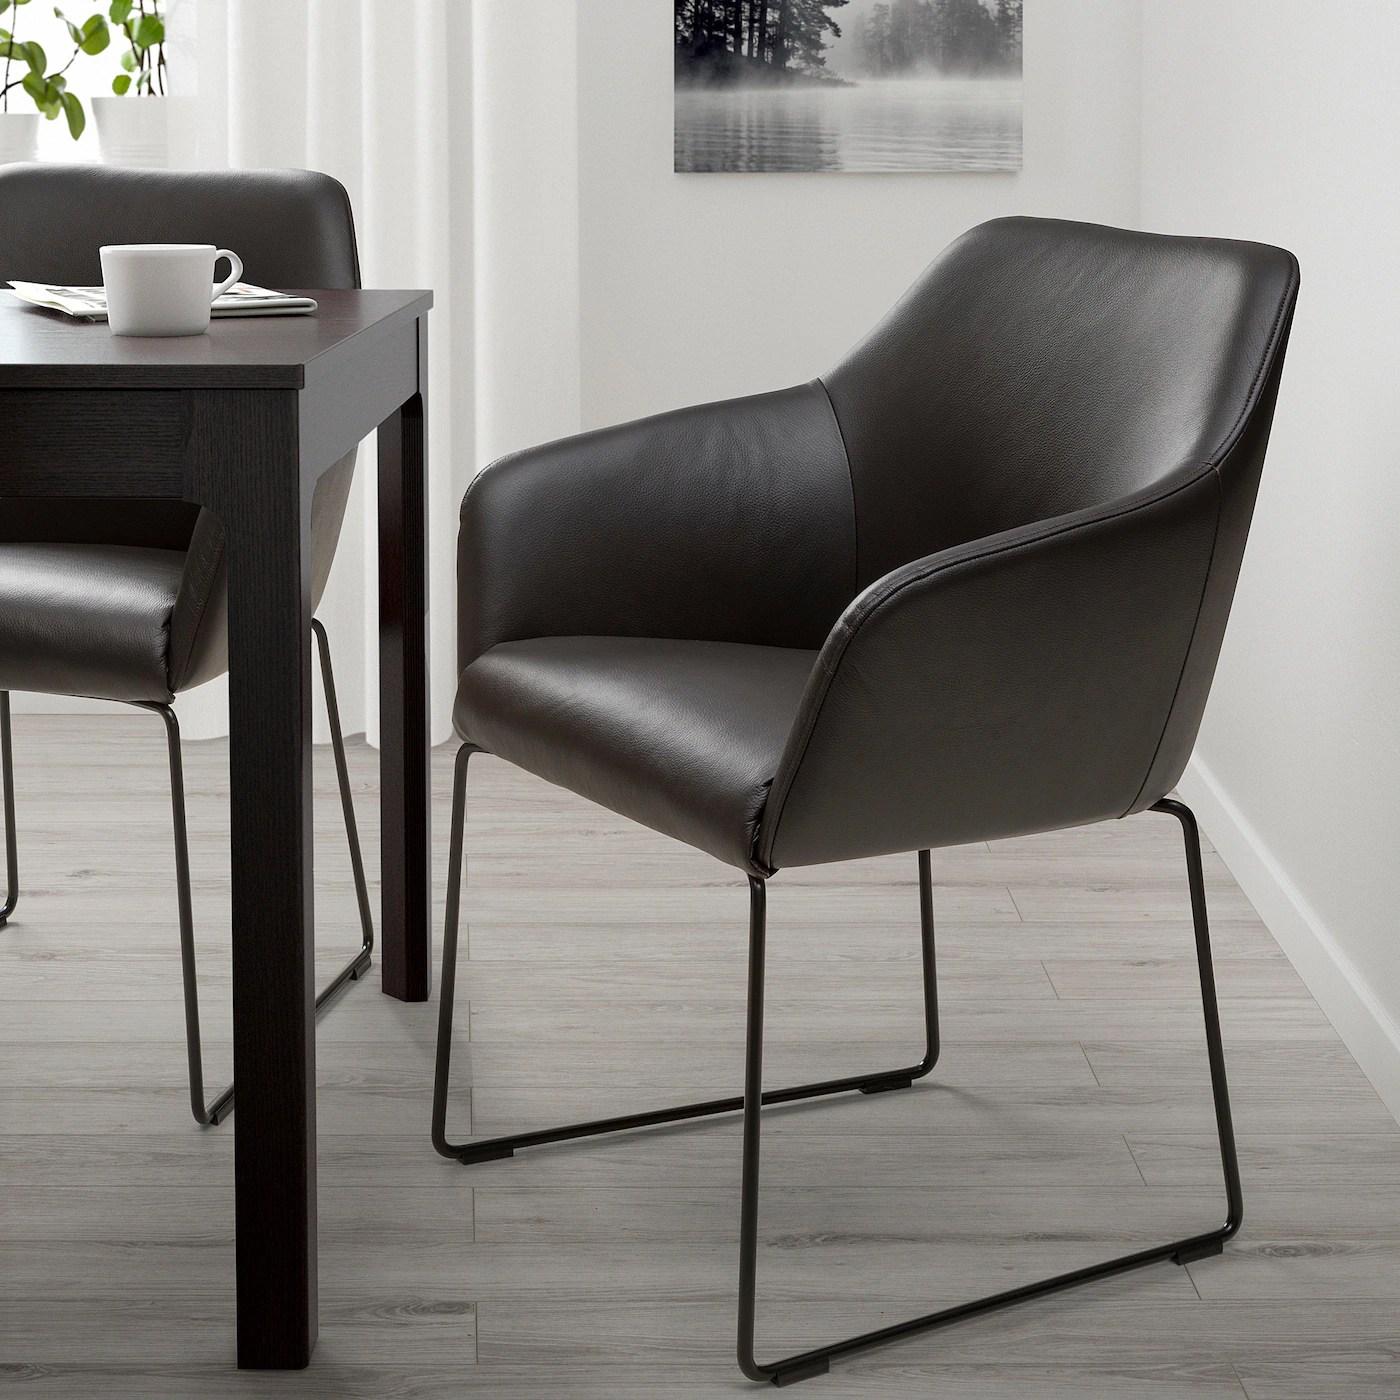 TOSSBERG Stuhl   Metall schwarz, Grann dunkelbraun   IKEA